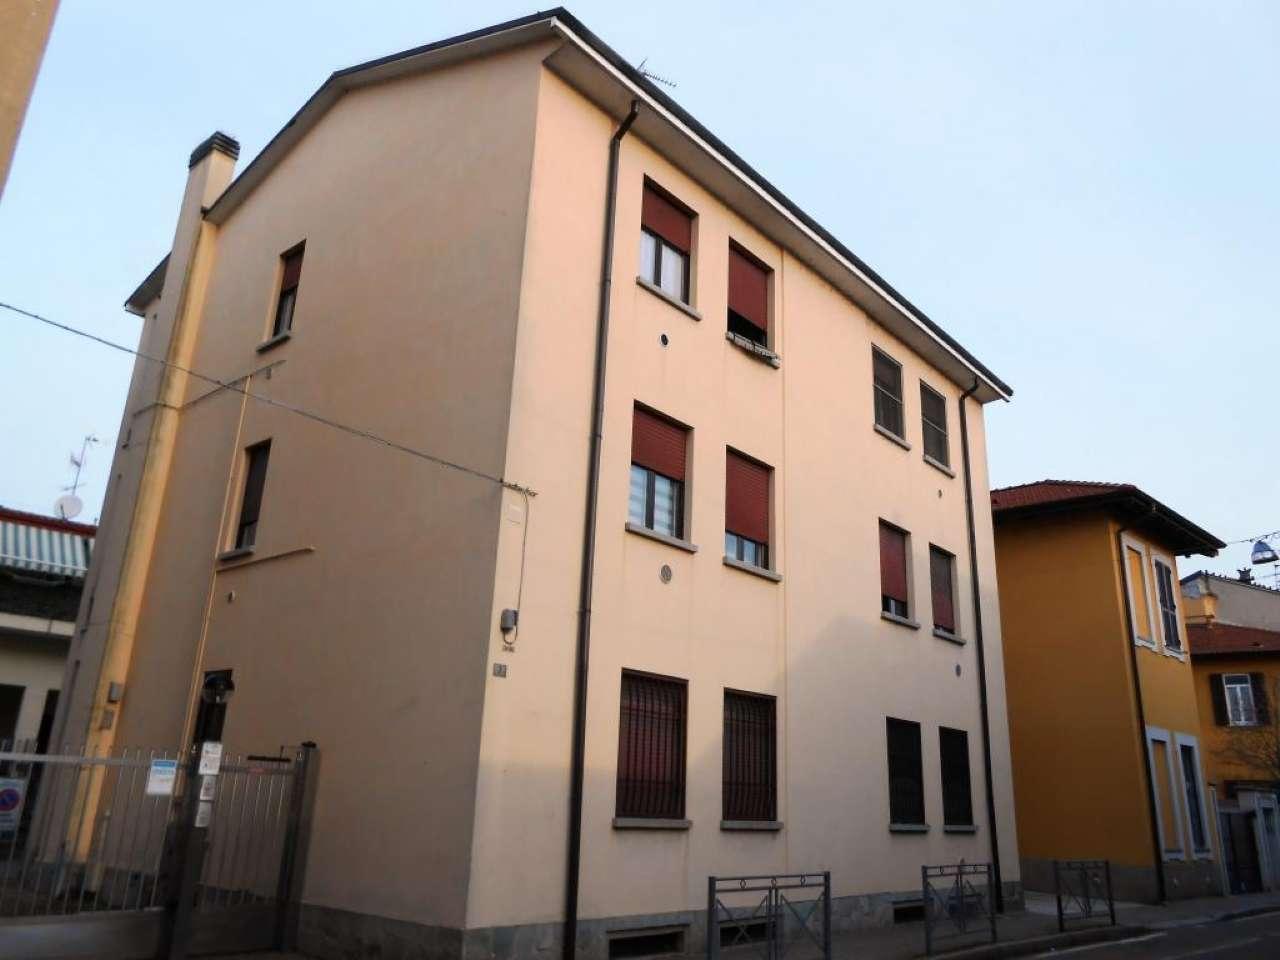 Appartamento in vendita a Pogliano Milanese, 2 locali, prezzo € 79.000 | CambioCasa.it